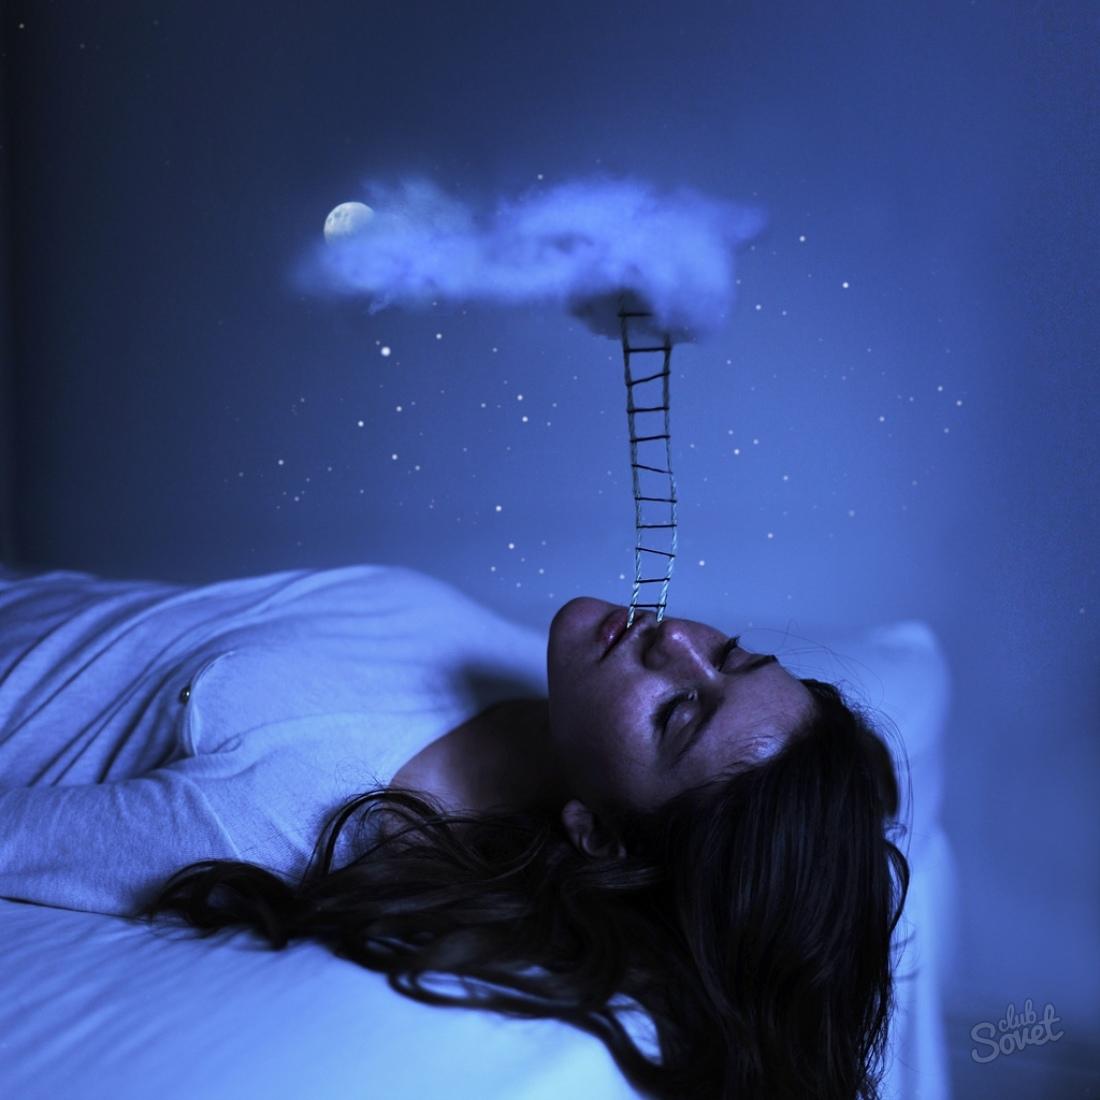 Своими руками, видеть во сне картинки